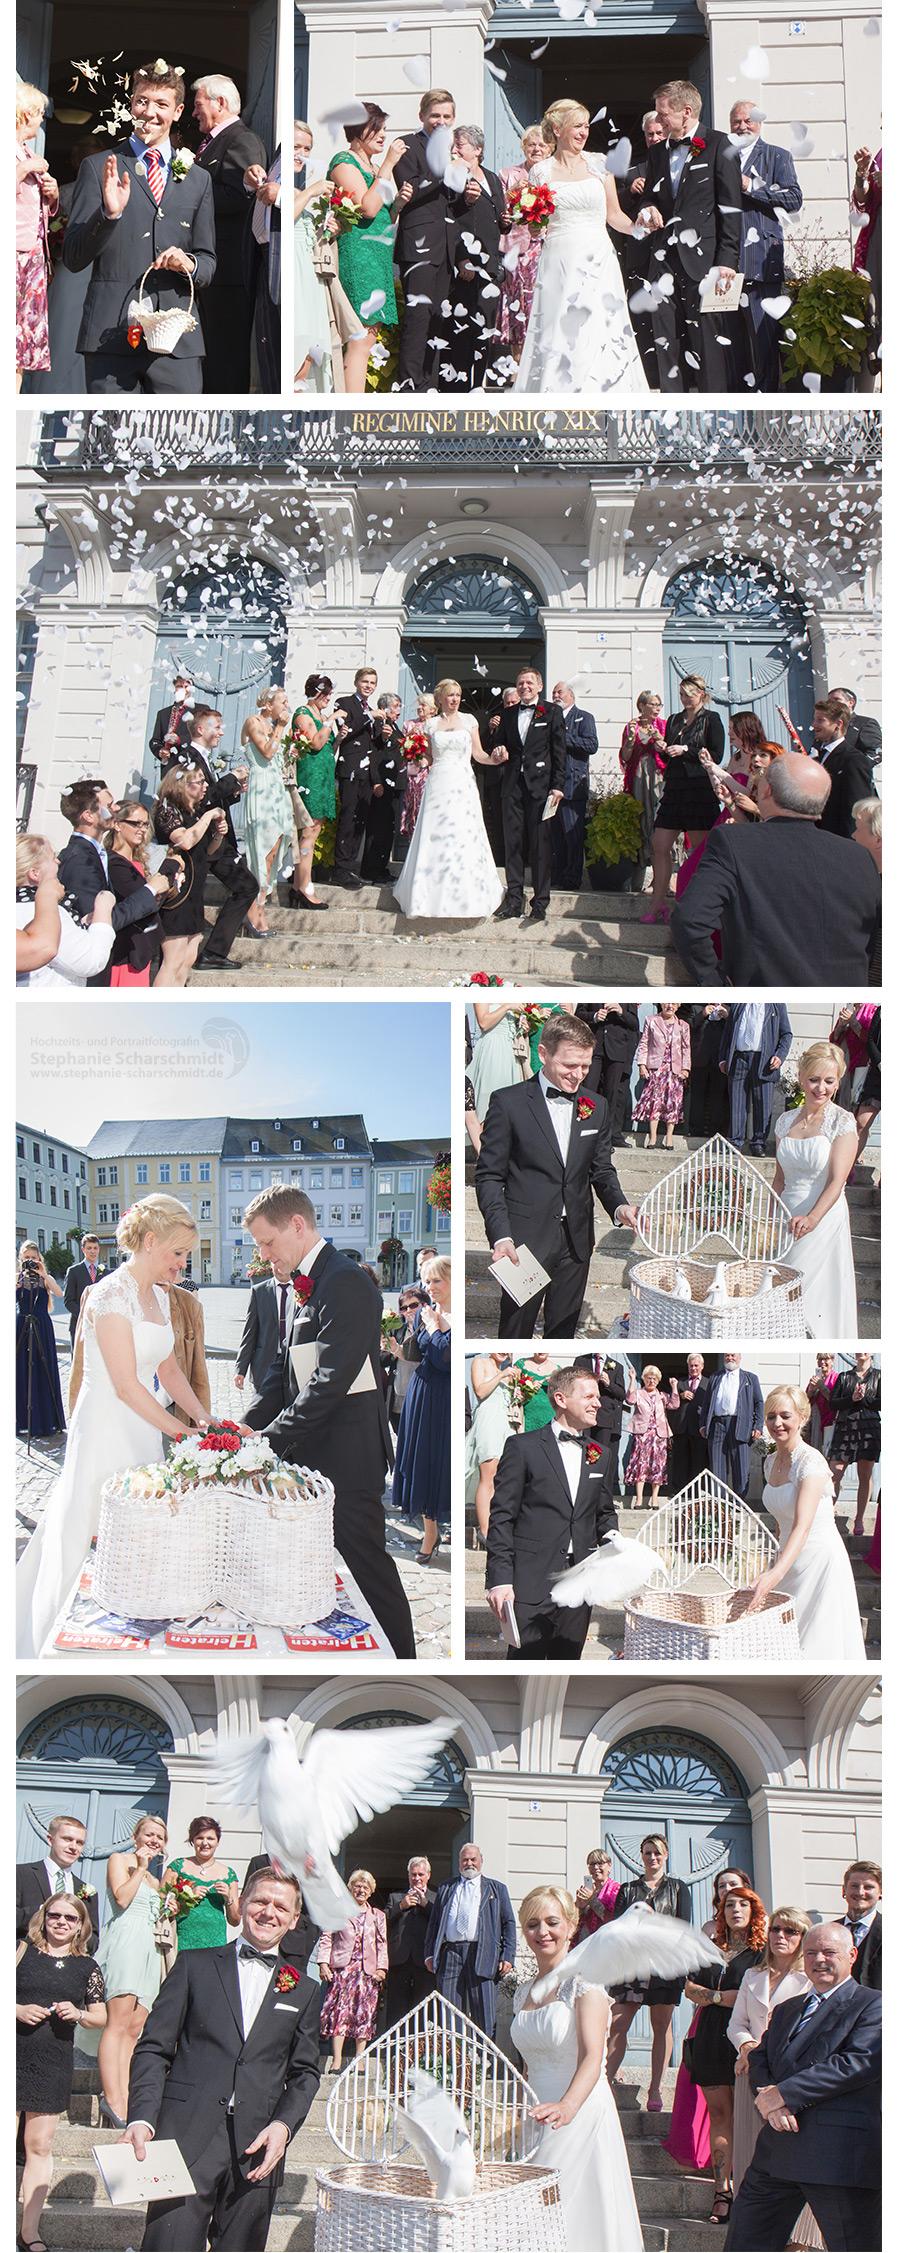 3. Hochzeitsbrauch weisse Tauben Steigen Lassen- Landkreis Greiz - Hochzeitsfotograf Bio-Seehotel Zeulenroda- Hochzeits- und Portraitfotografin Stephanie Scharschmidt - Hochzeitsfotograf Bio-Seehotel Zeulenroda –